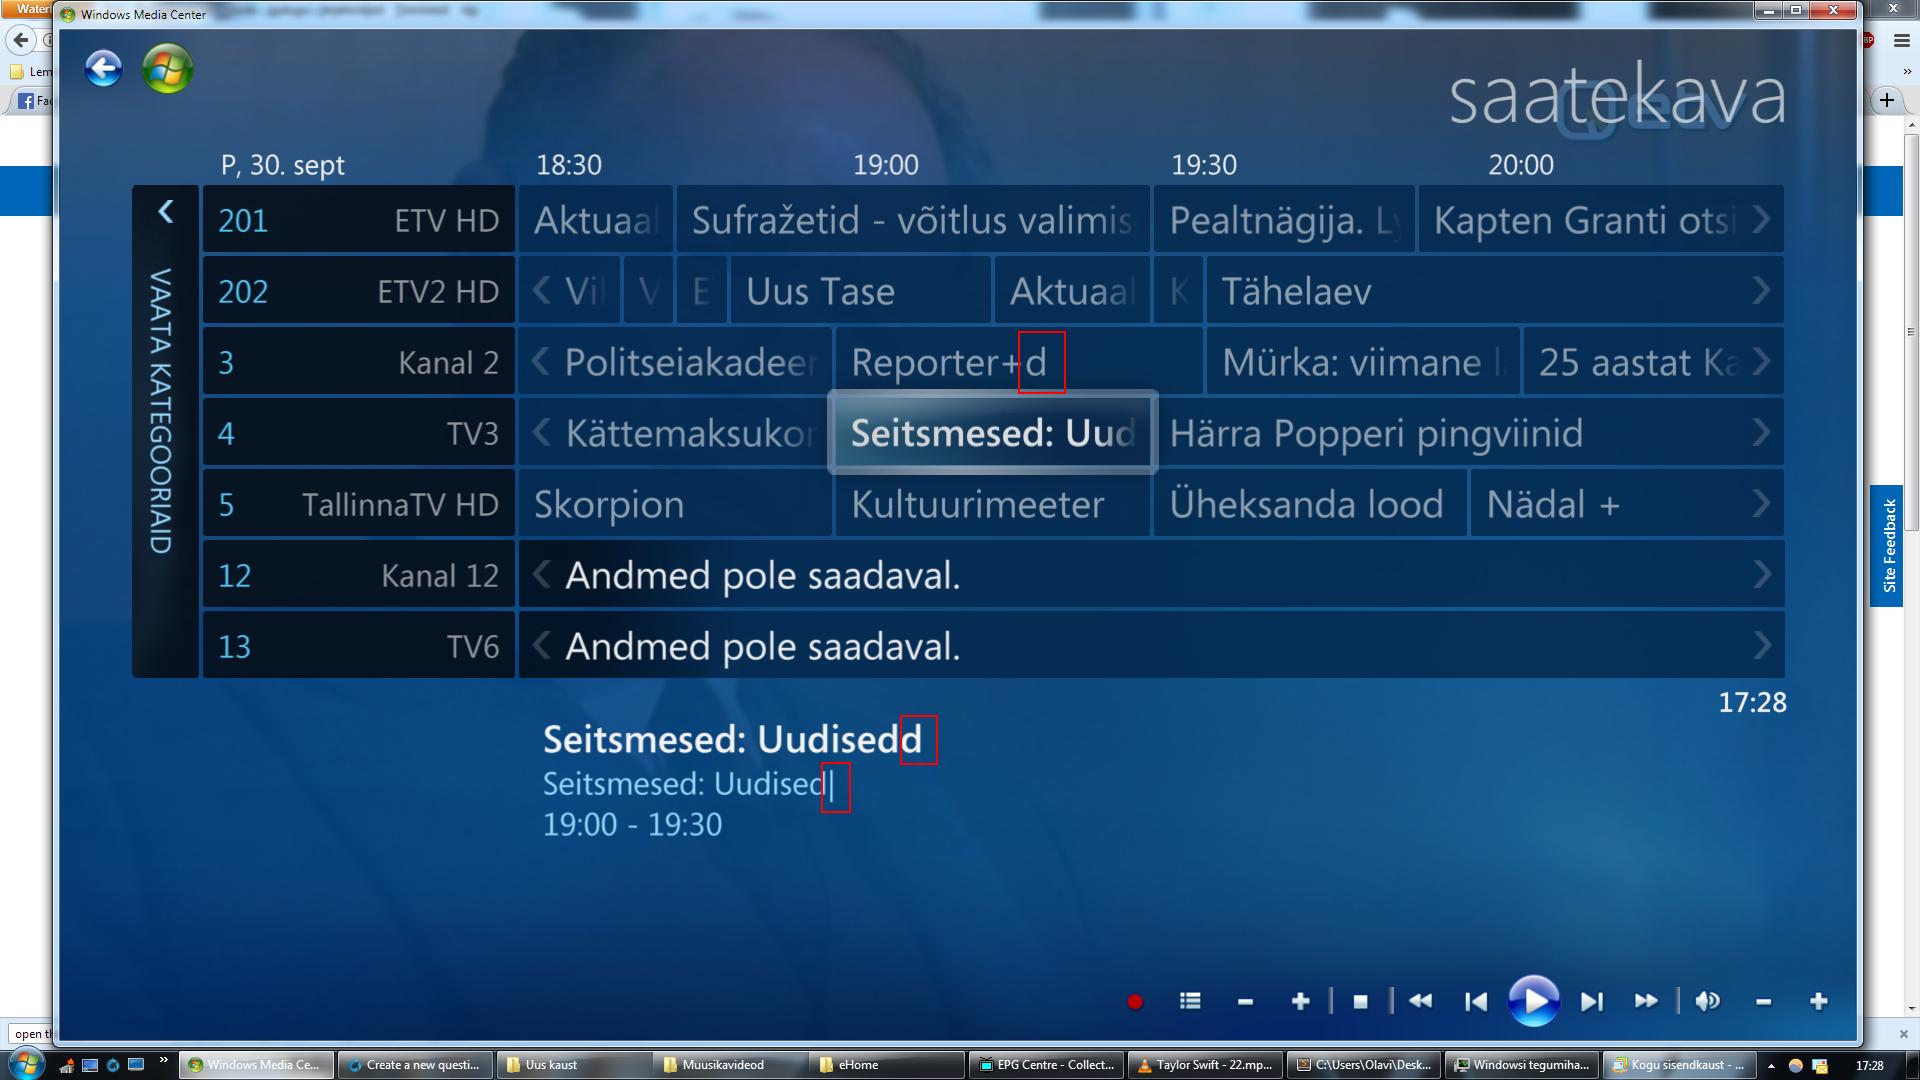 Windows 7 media center epg not updating